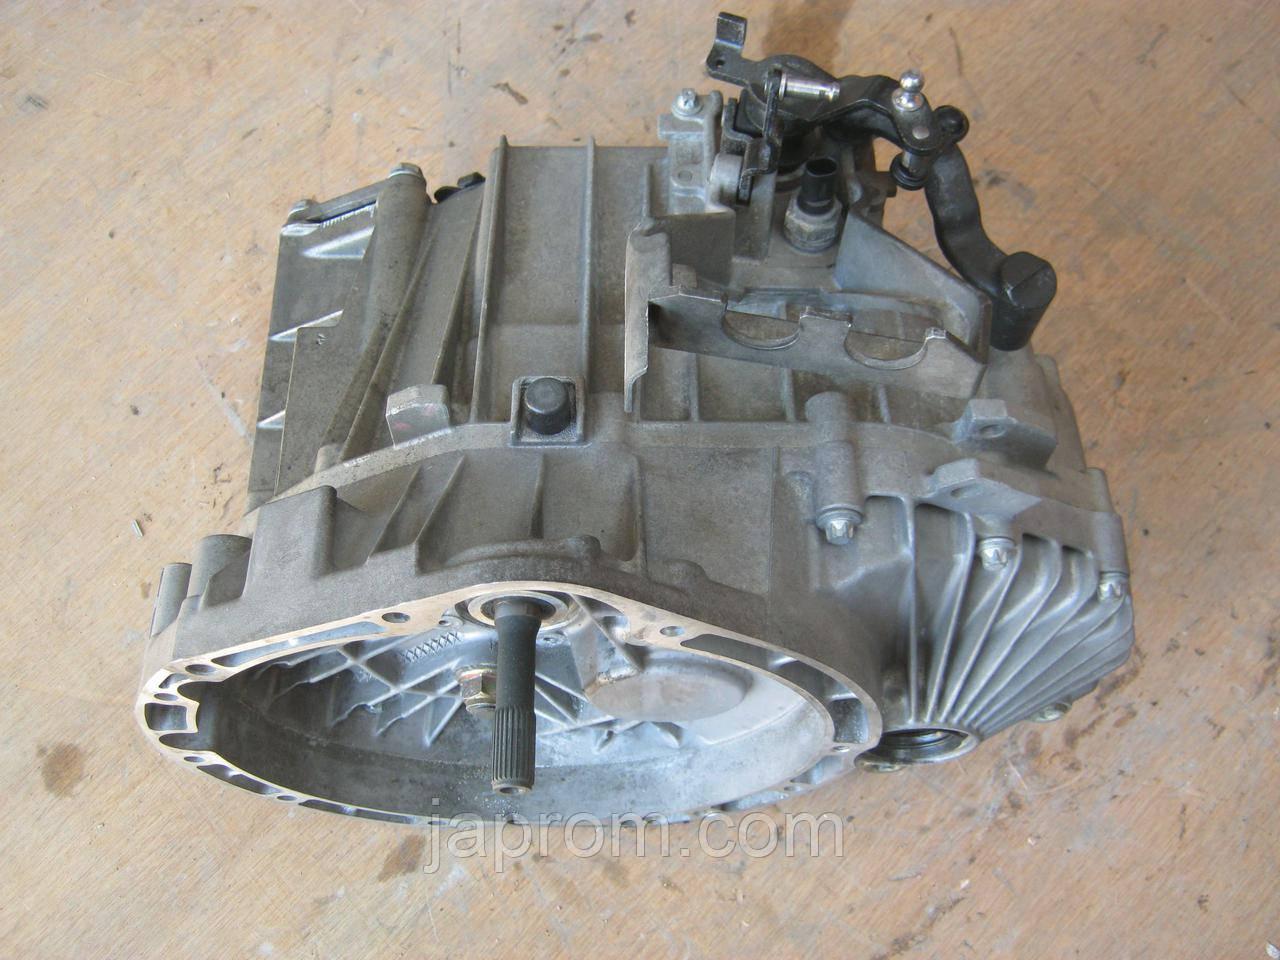 МКПП механическая коробка передач Mercedes Benz W168 1.6 716.501